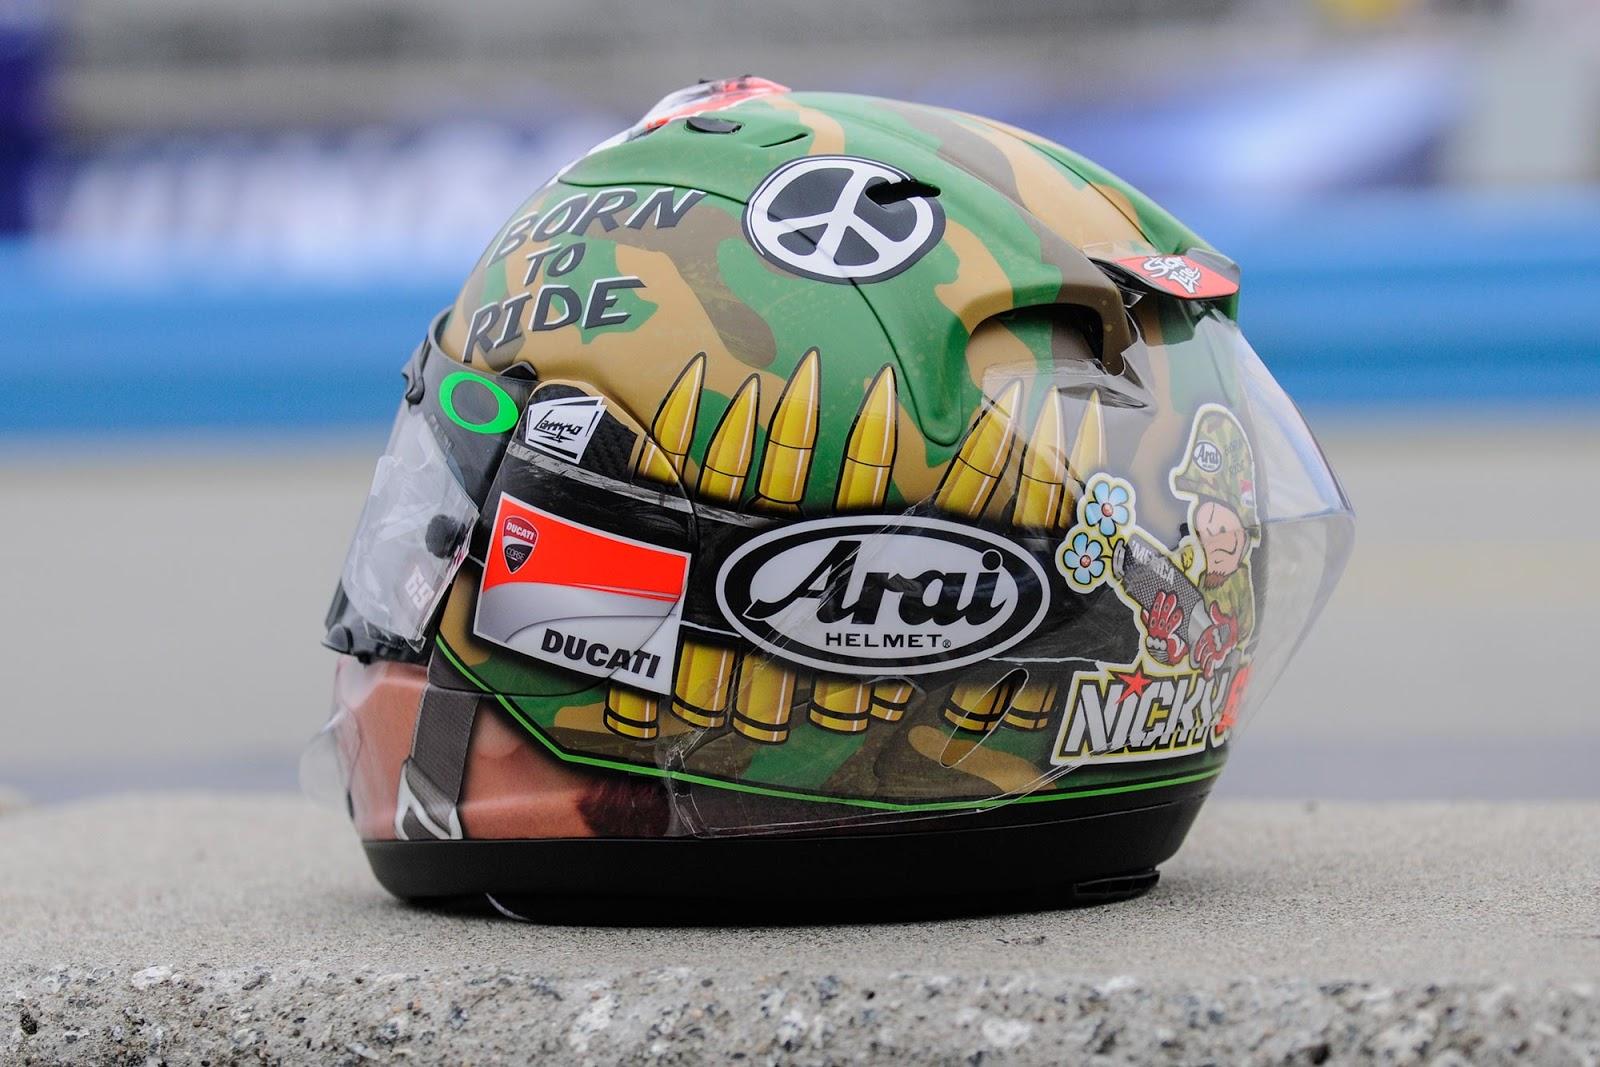 Champion Helmets: Nicky Hayden Laguna Seca Helmet 2013